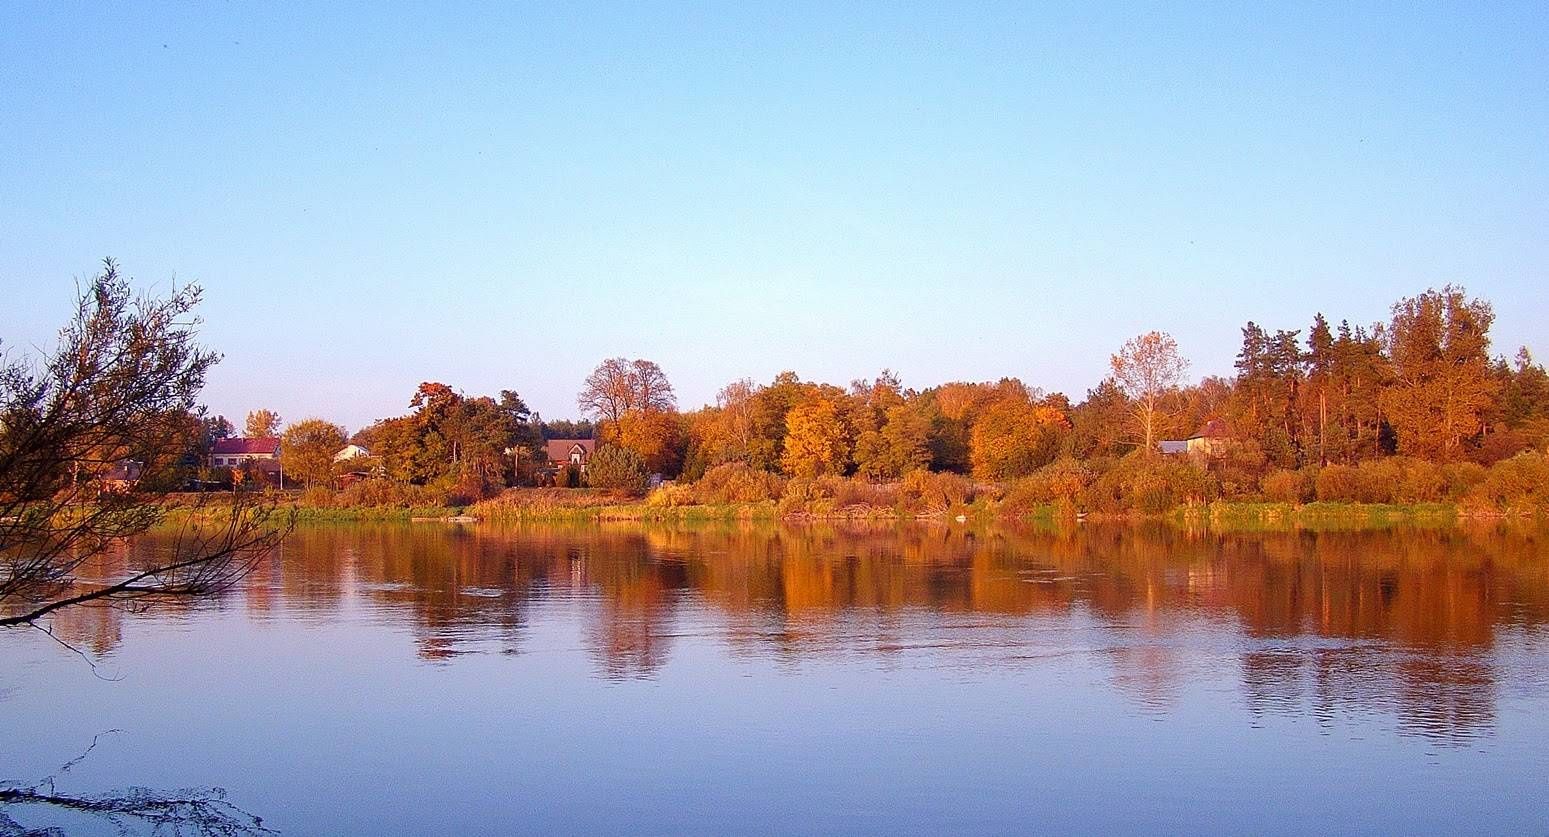 rzeka Bug przy kiełpińcu jesienią 2015